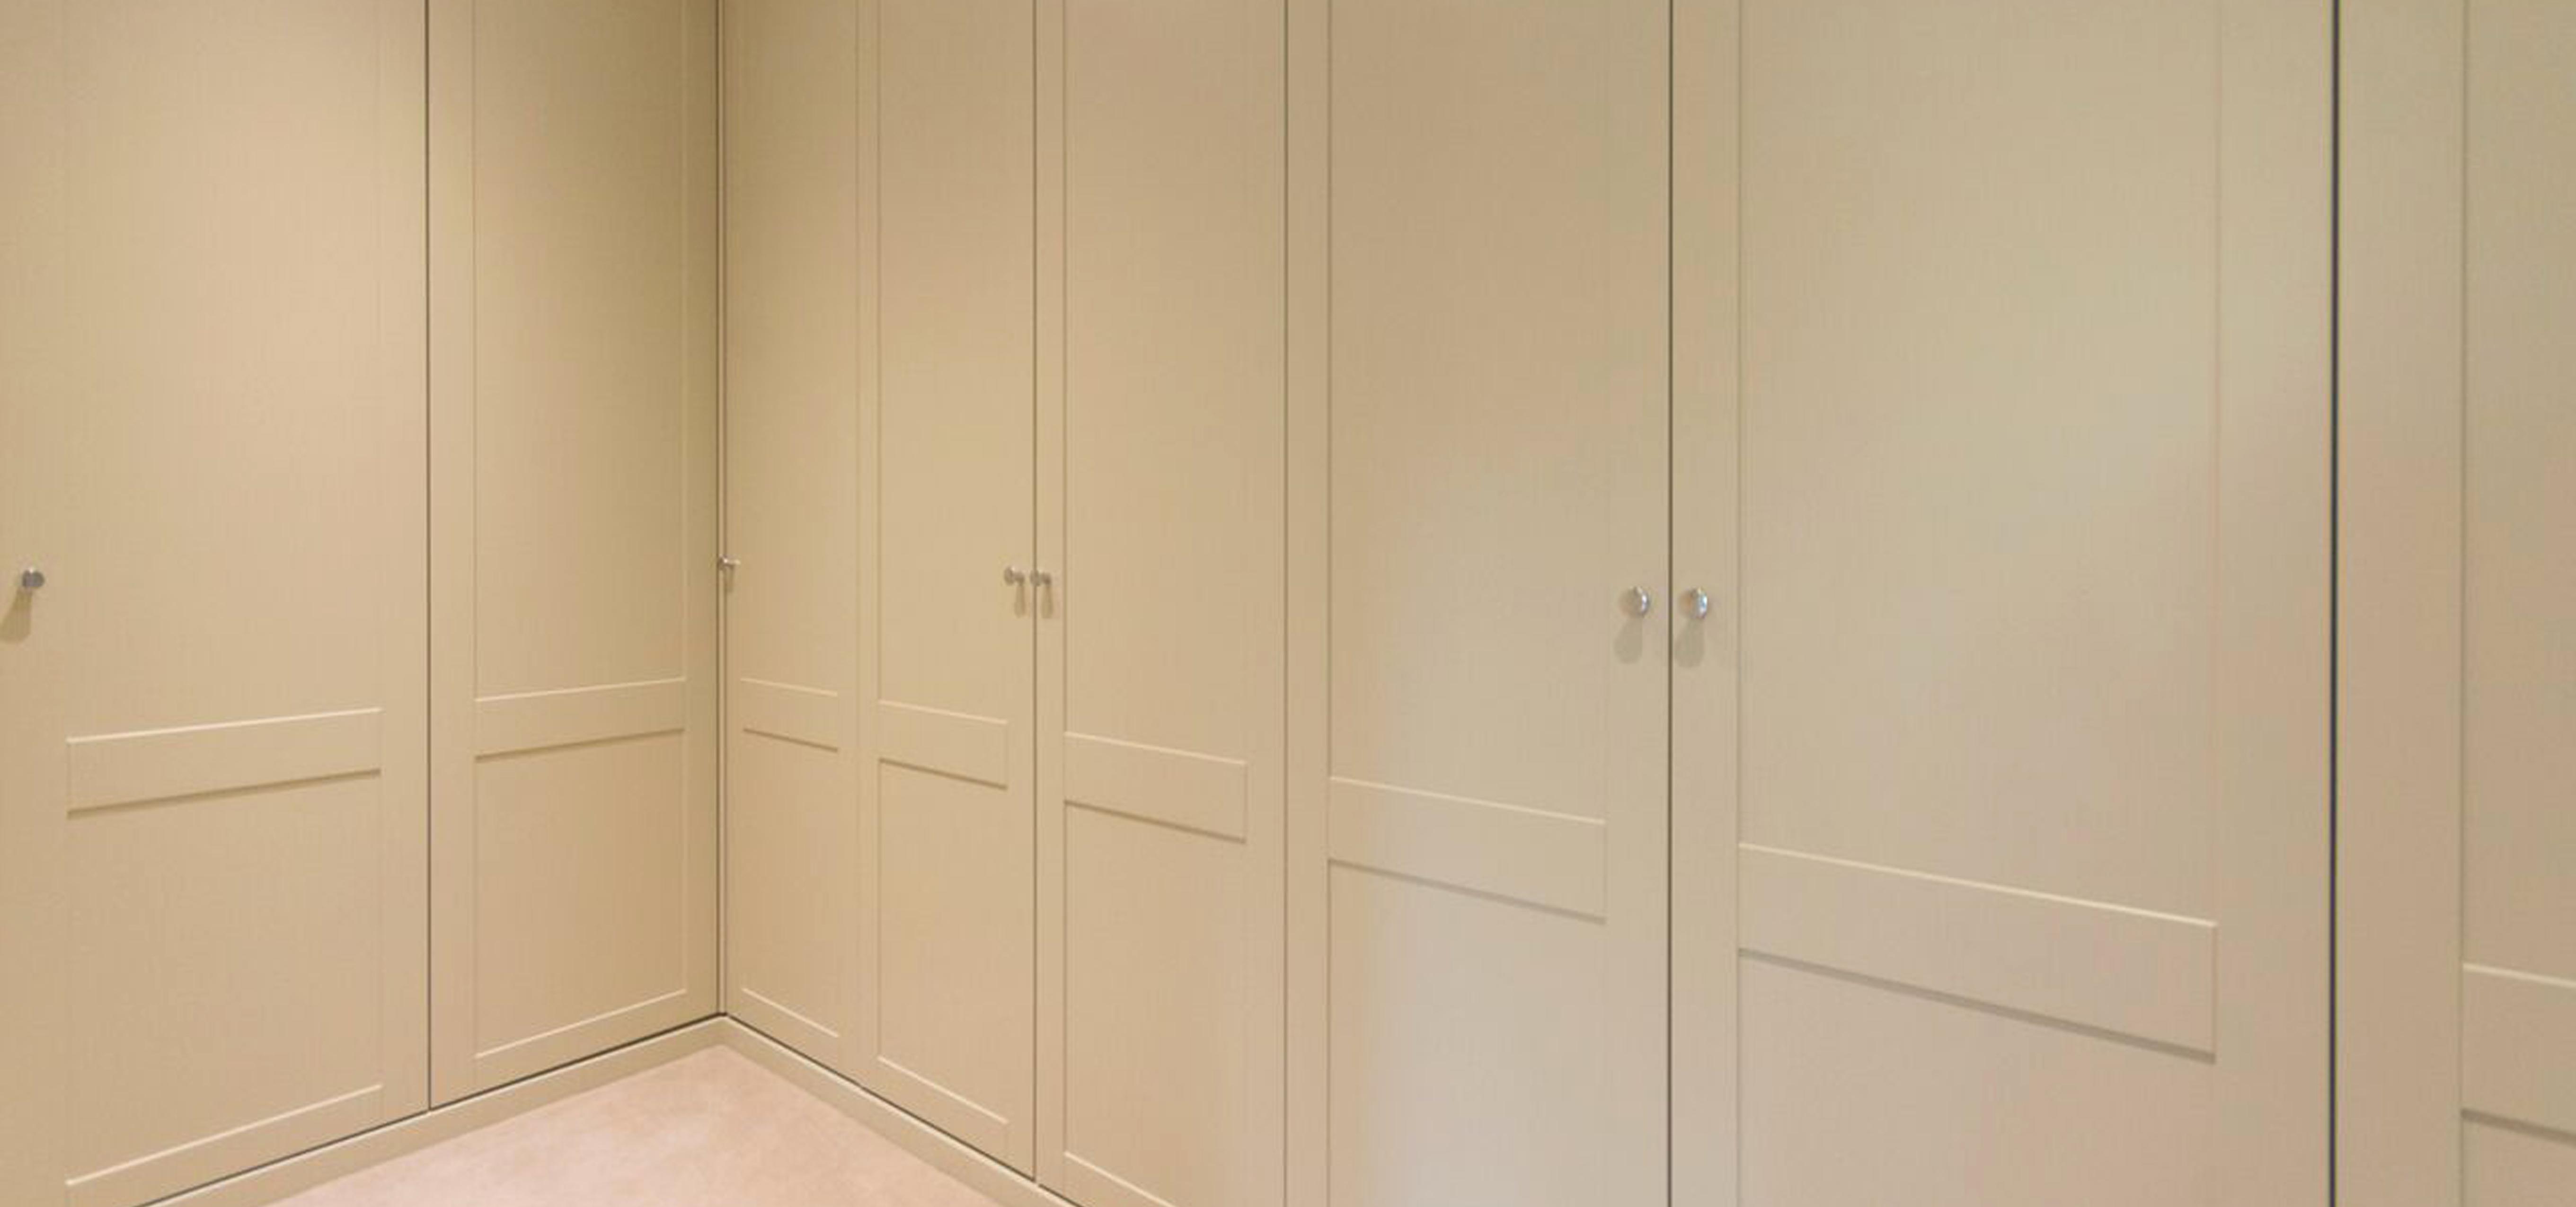 Shaker style dressing room